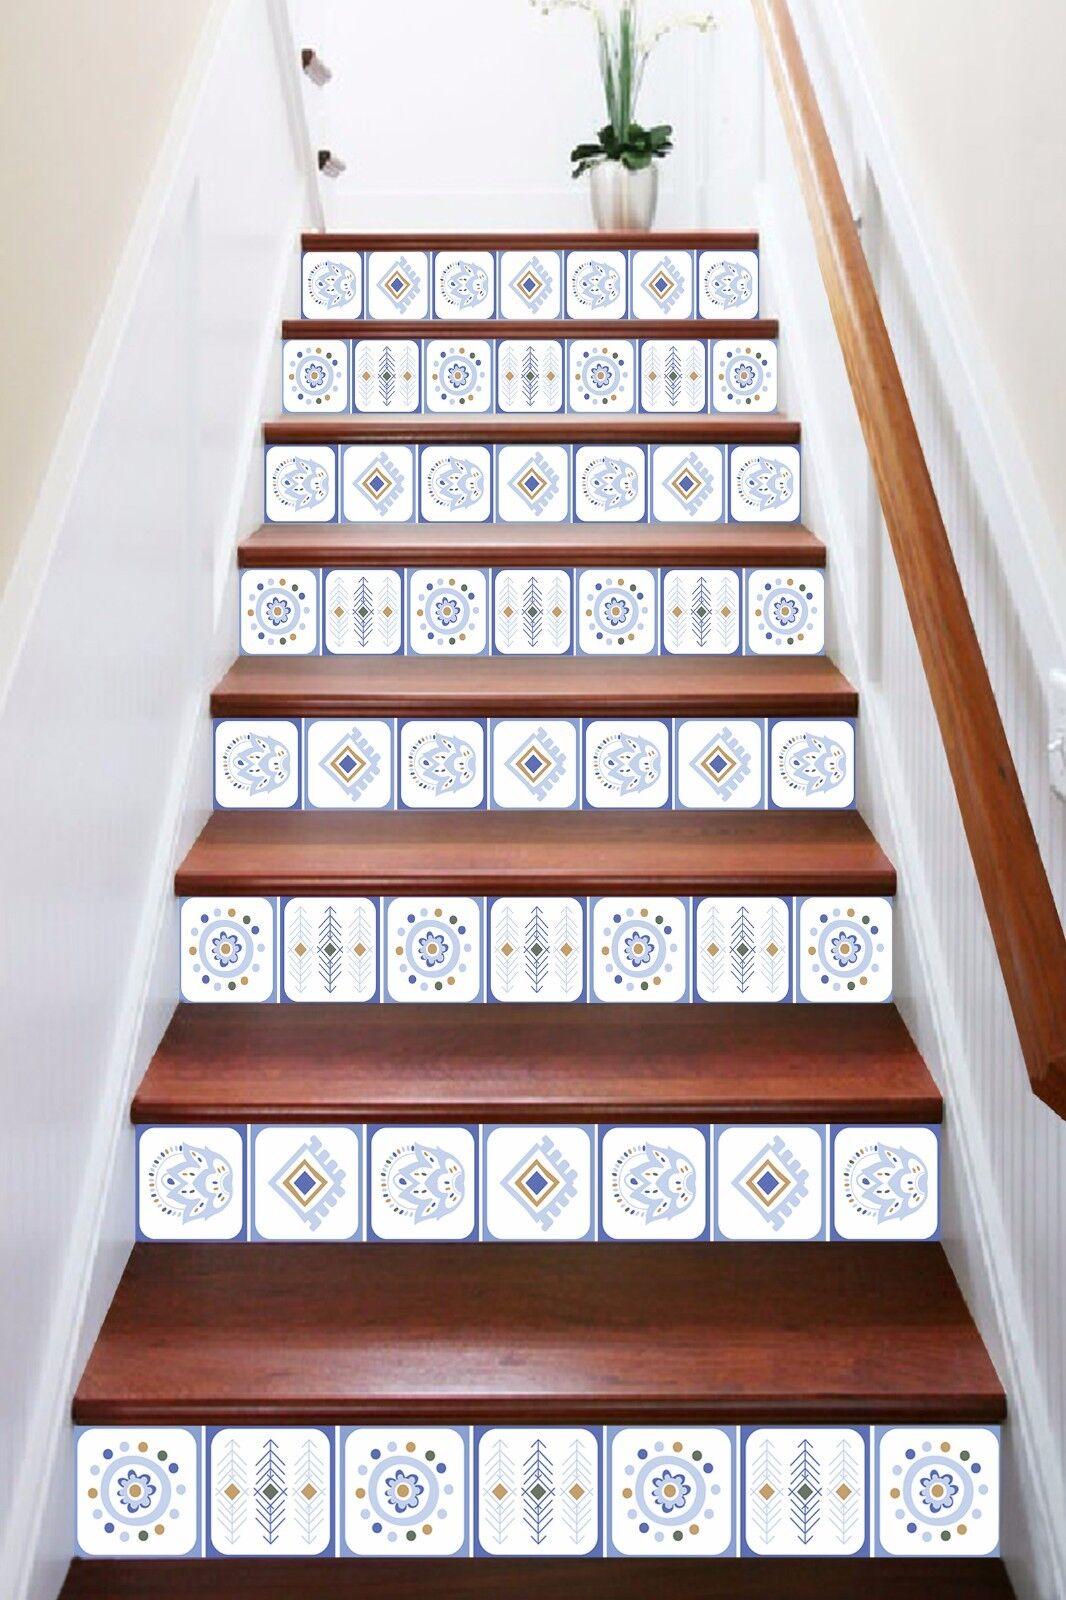 Patrón Mural azul 3D 308 tarjetas verticales Decoración Mural Patrón Foto escalera Vinilo Calcomanía Papel Tapiz de Reino Unido 1d1750